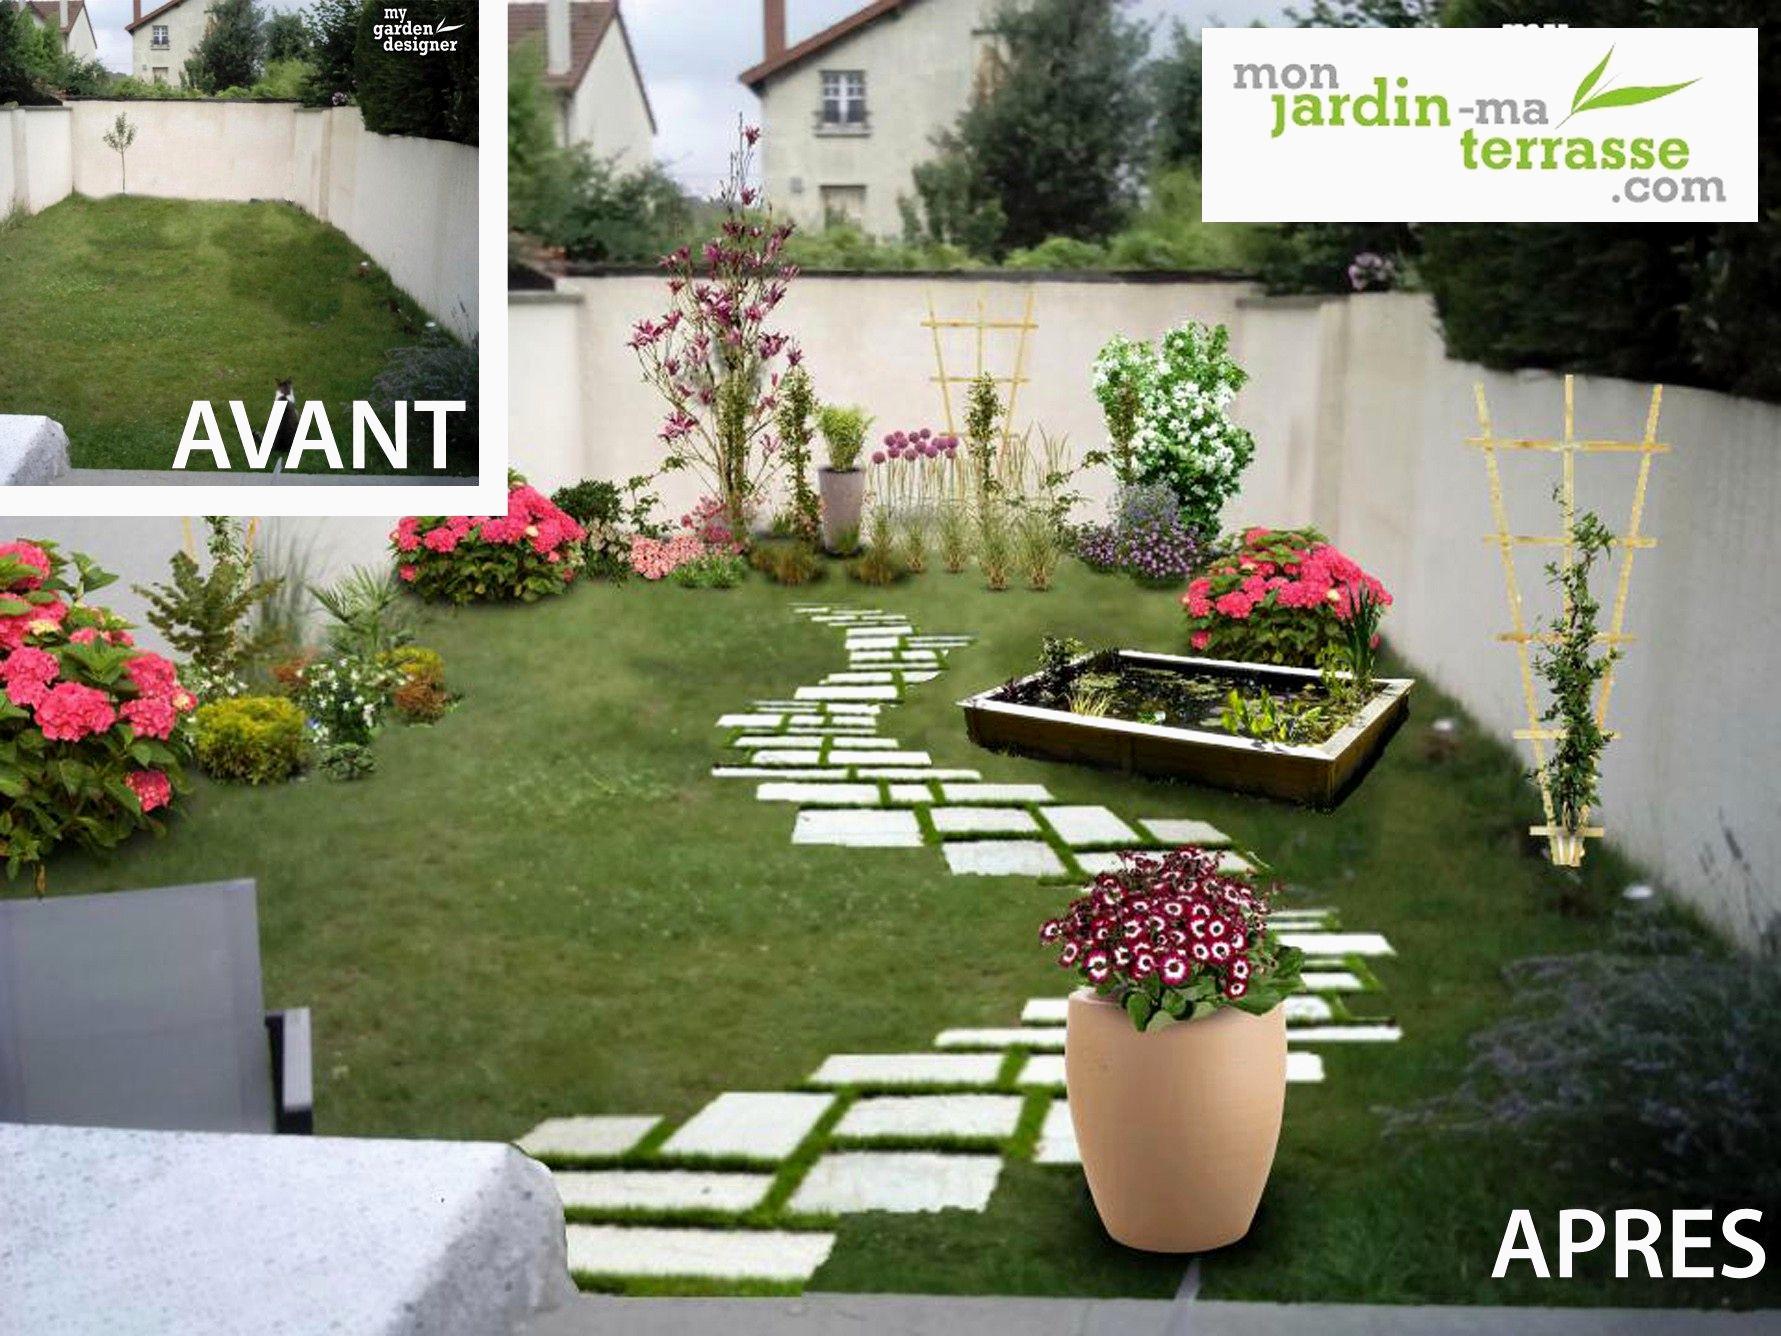 Amenager Un Petit Jardin De 50M2 Étonnant Amenager Un Petit ... encequiconcerne Aménager Un Petit Jardin De 20M2